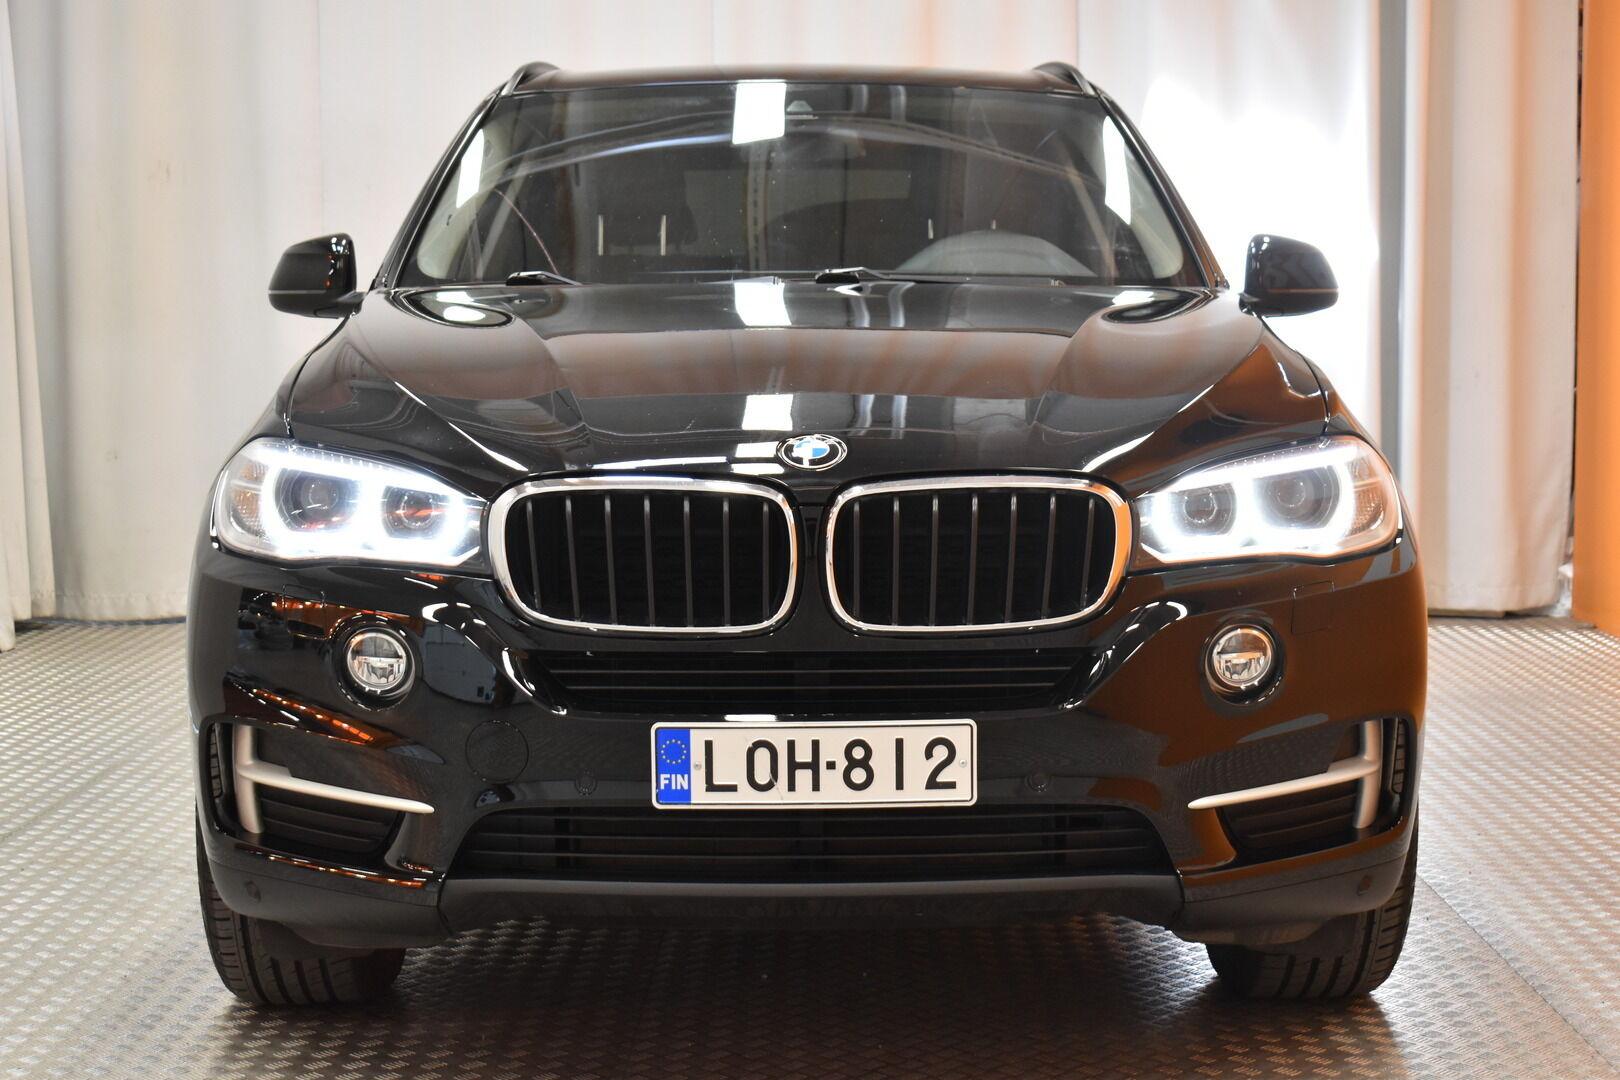 Musta Maastoauto, BMW X5 – LOH-812, kuva 2